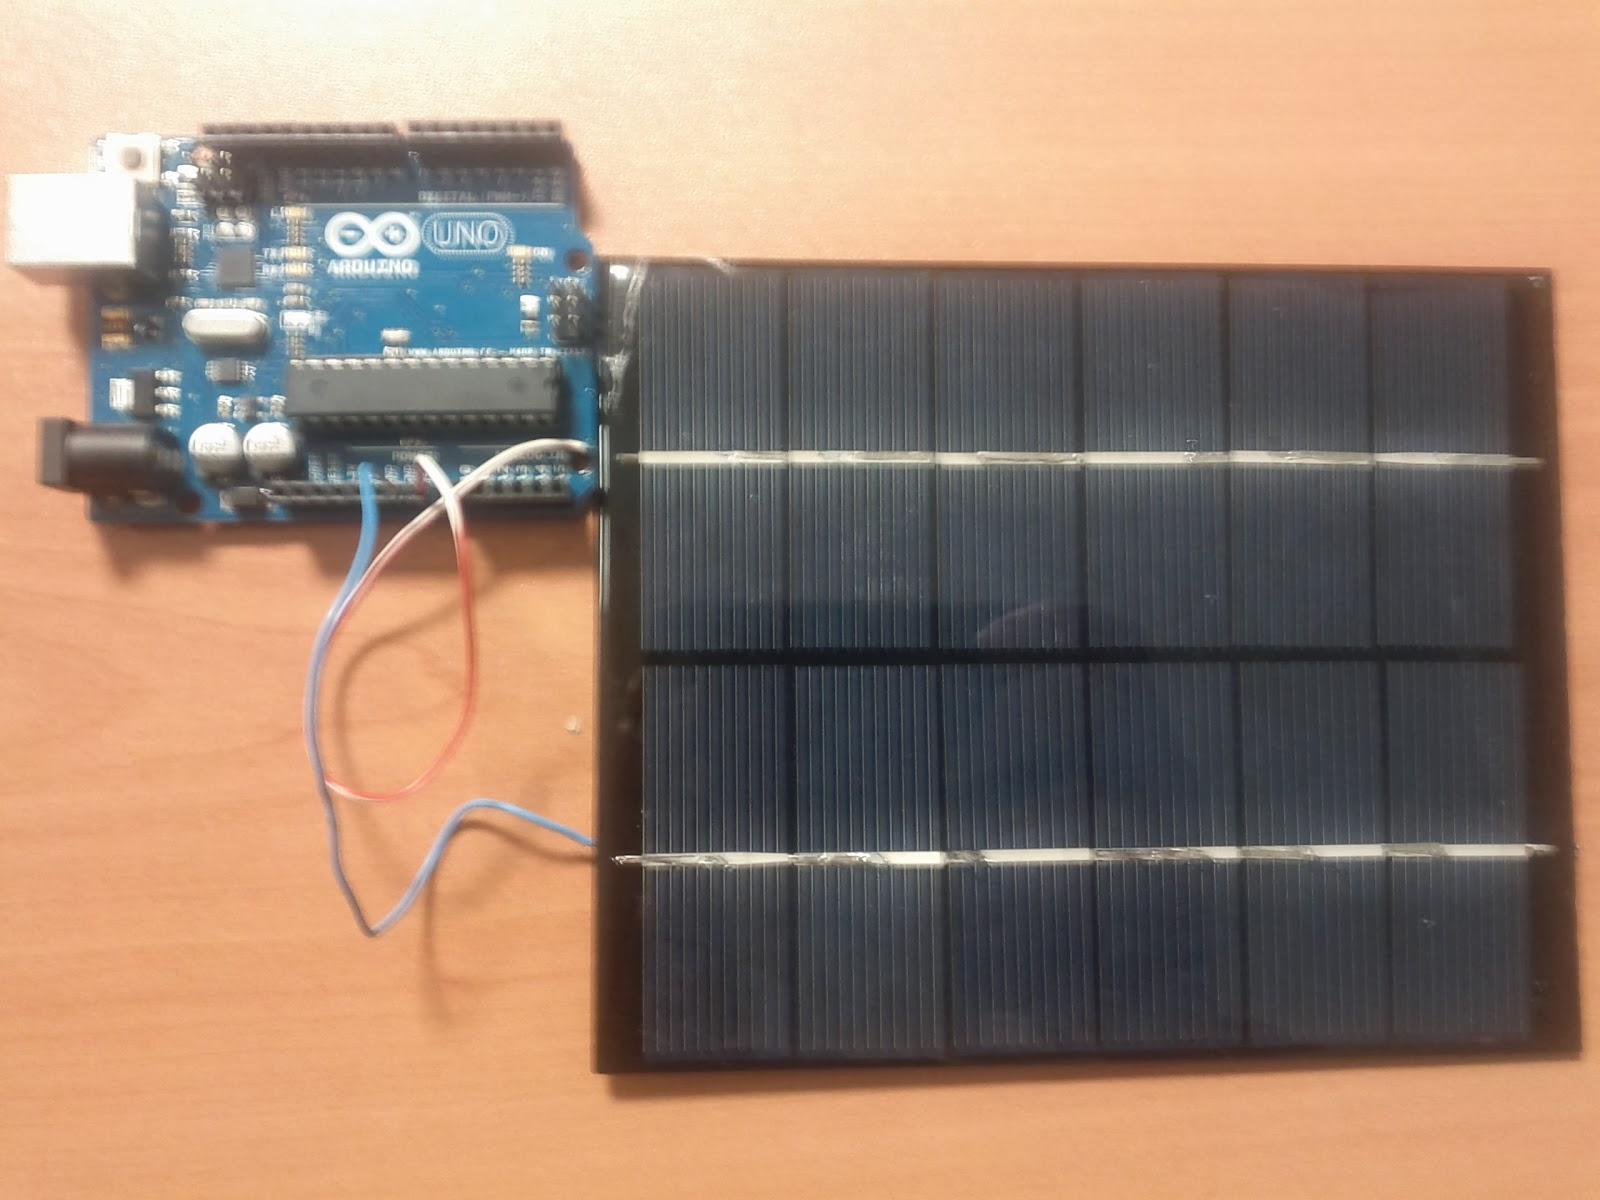 Pannello Solare Per Motore Elettrico : Debian su hardware obsoleto arduino e pannello solare